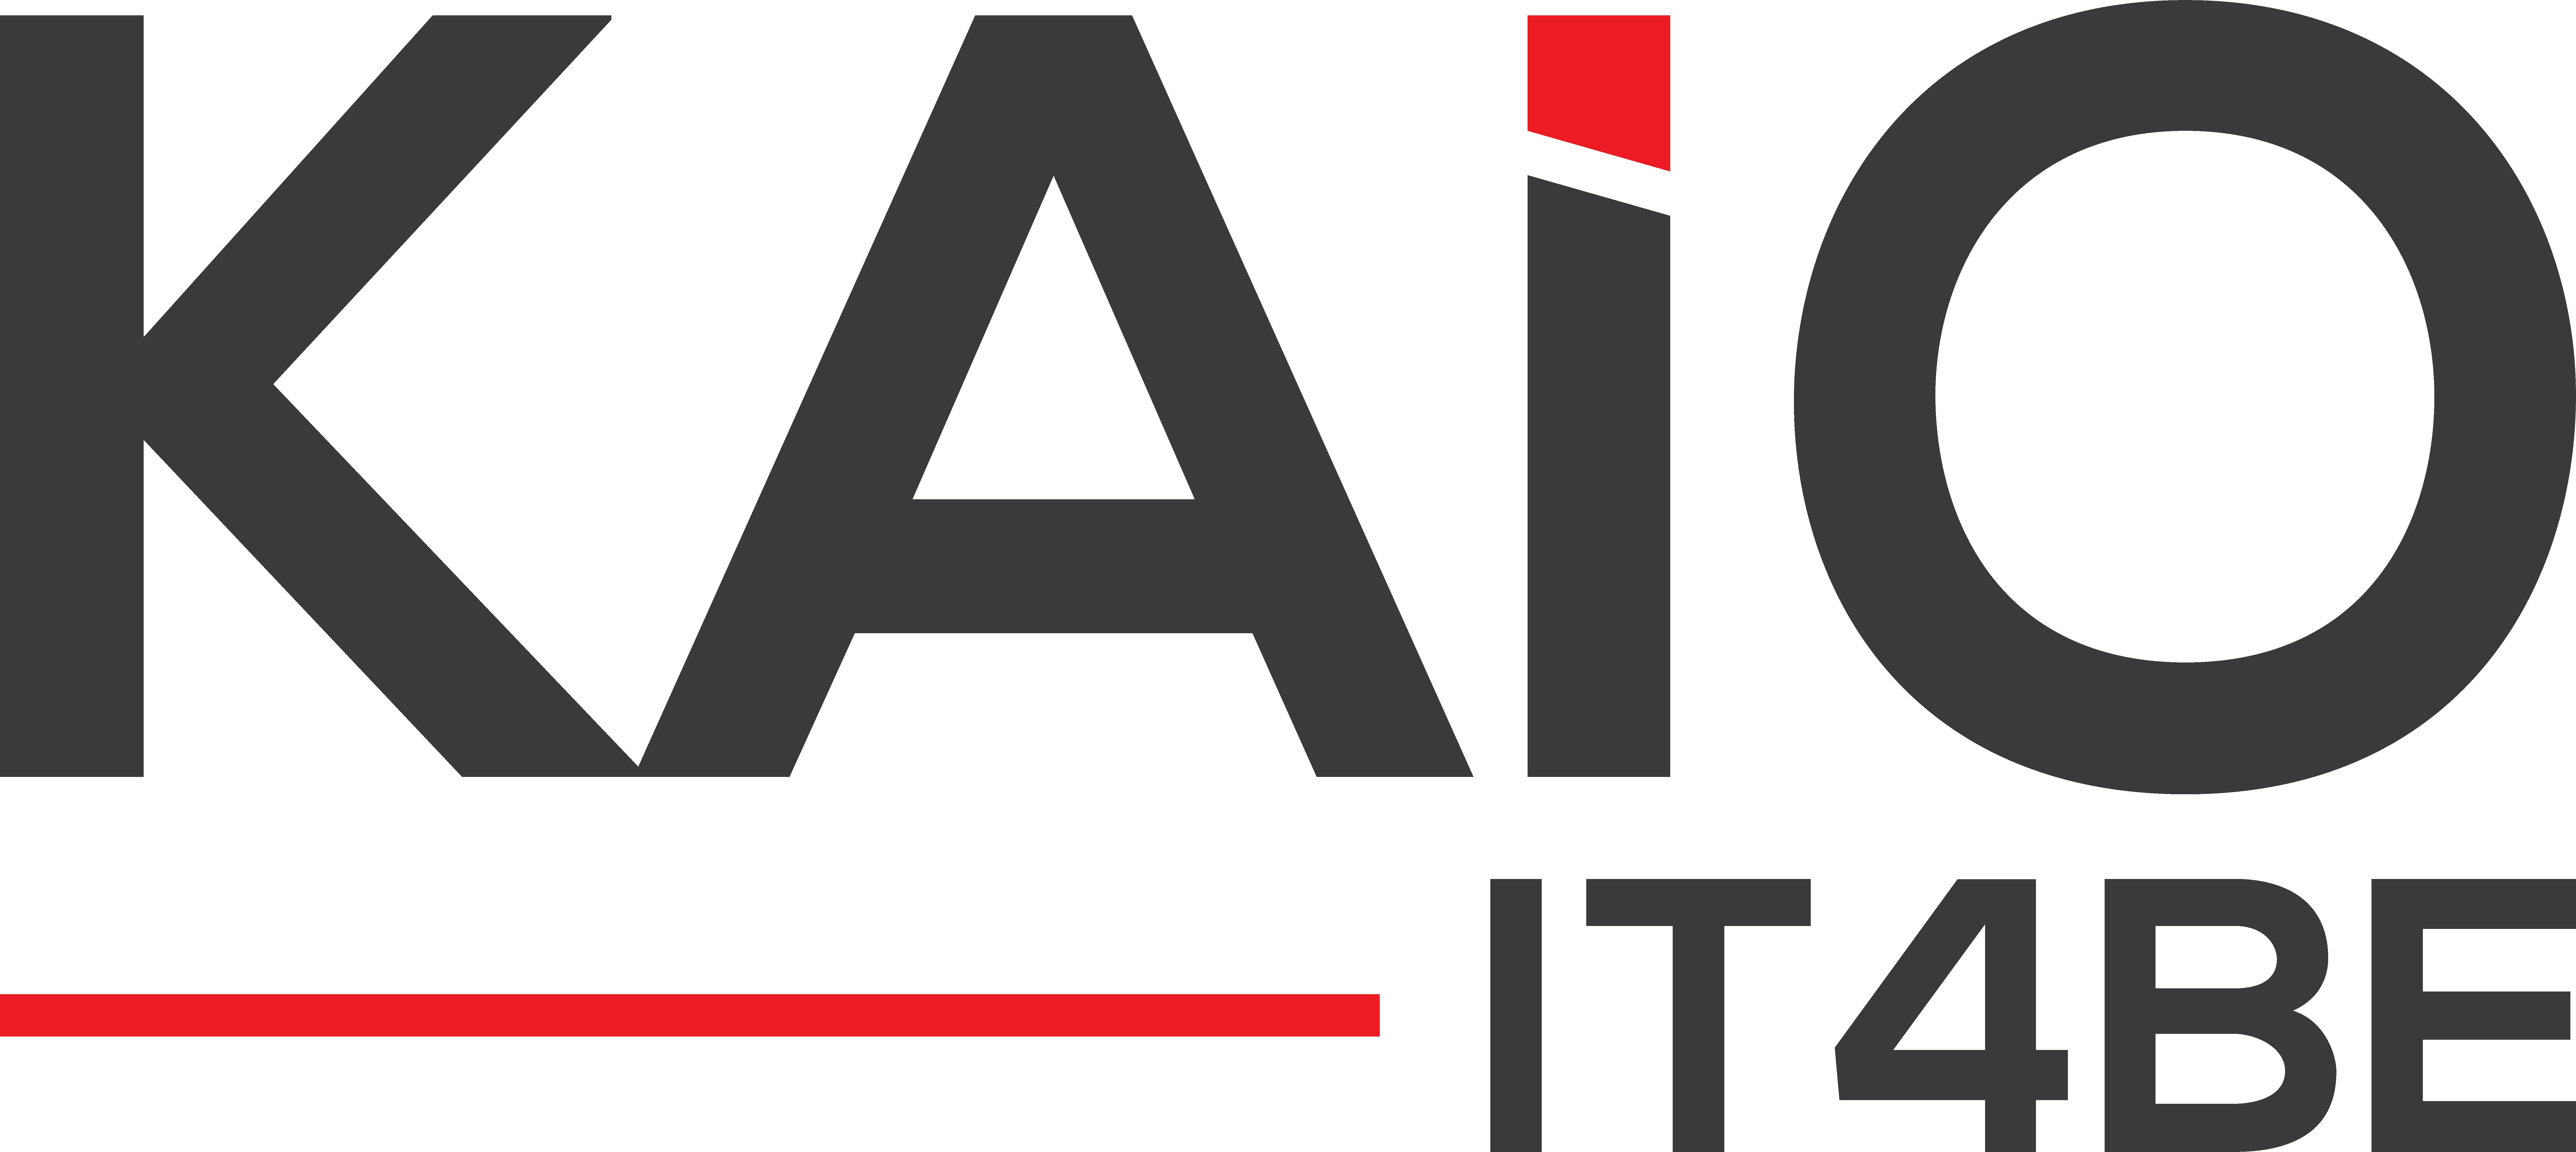 Amt für Informatik und Organisation des Kantons Bern (KAIO)